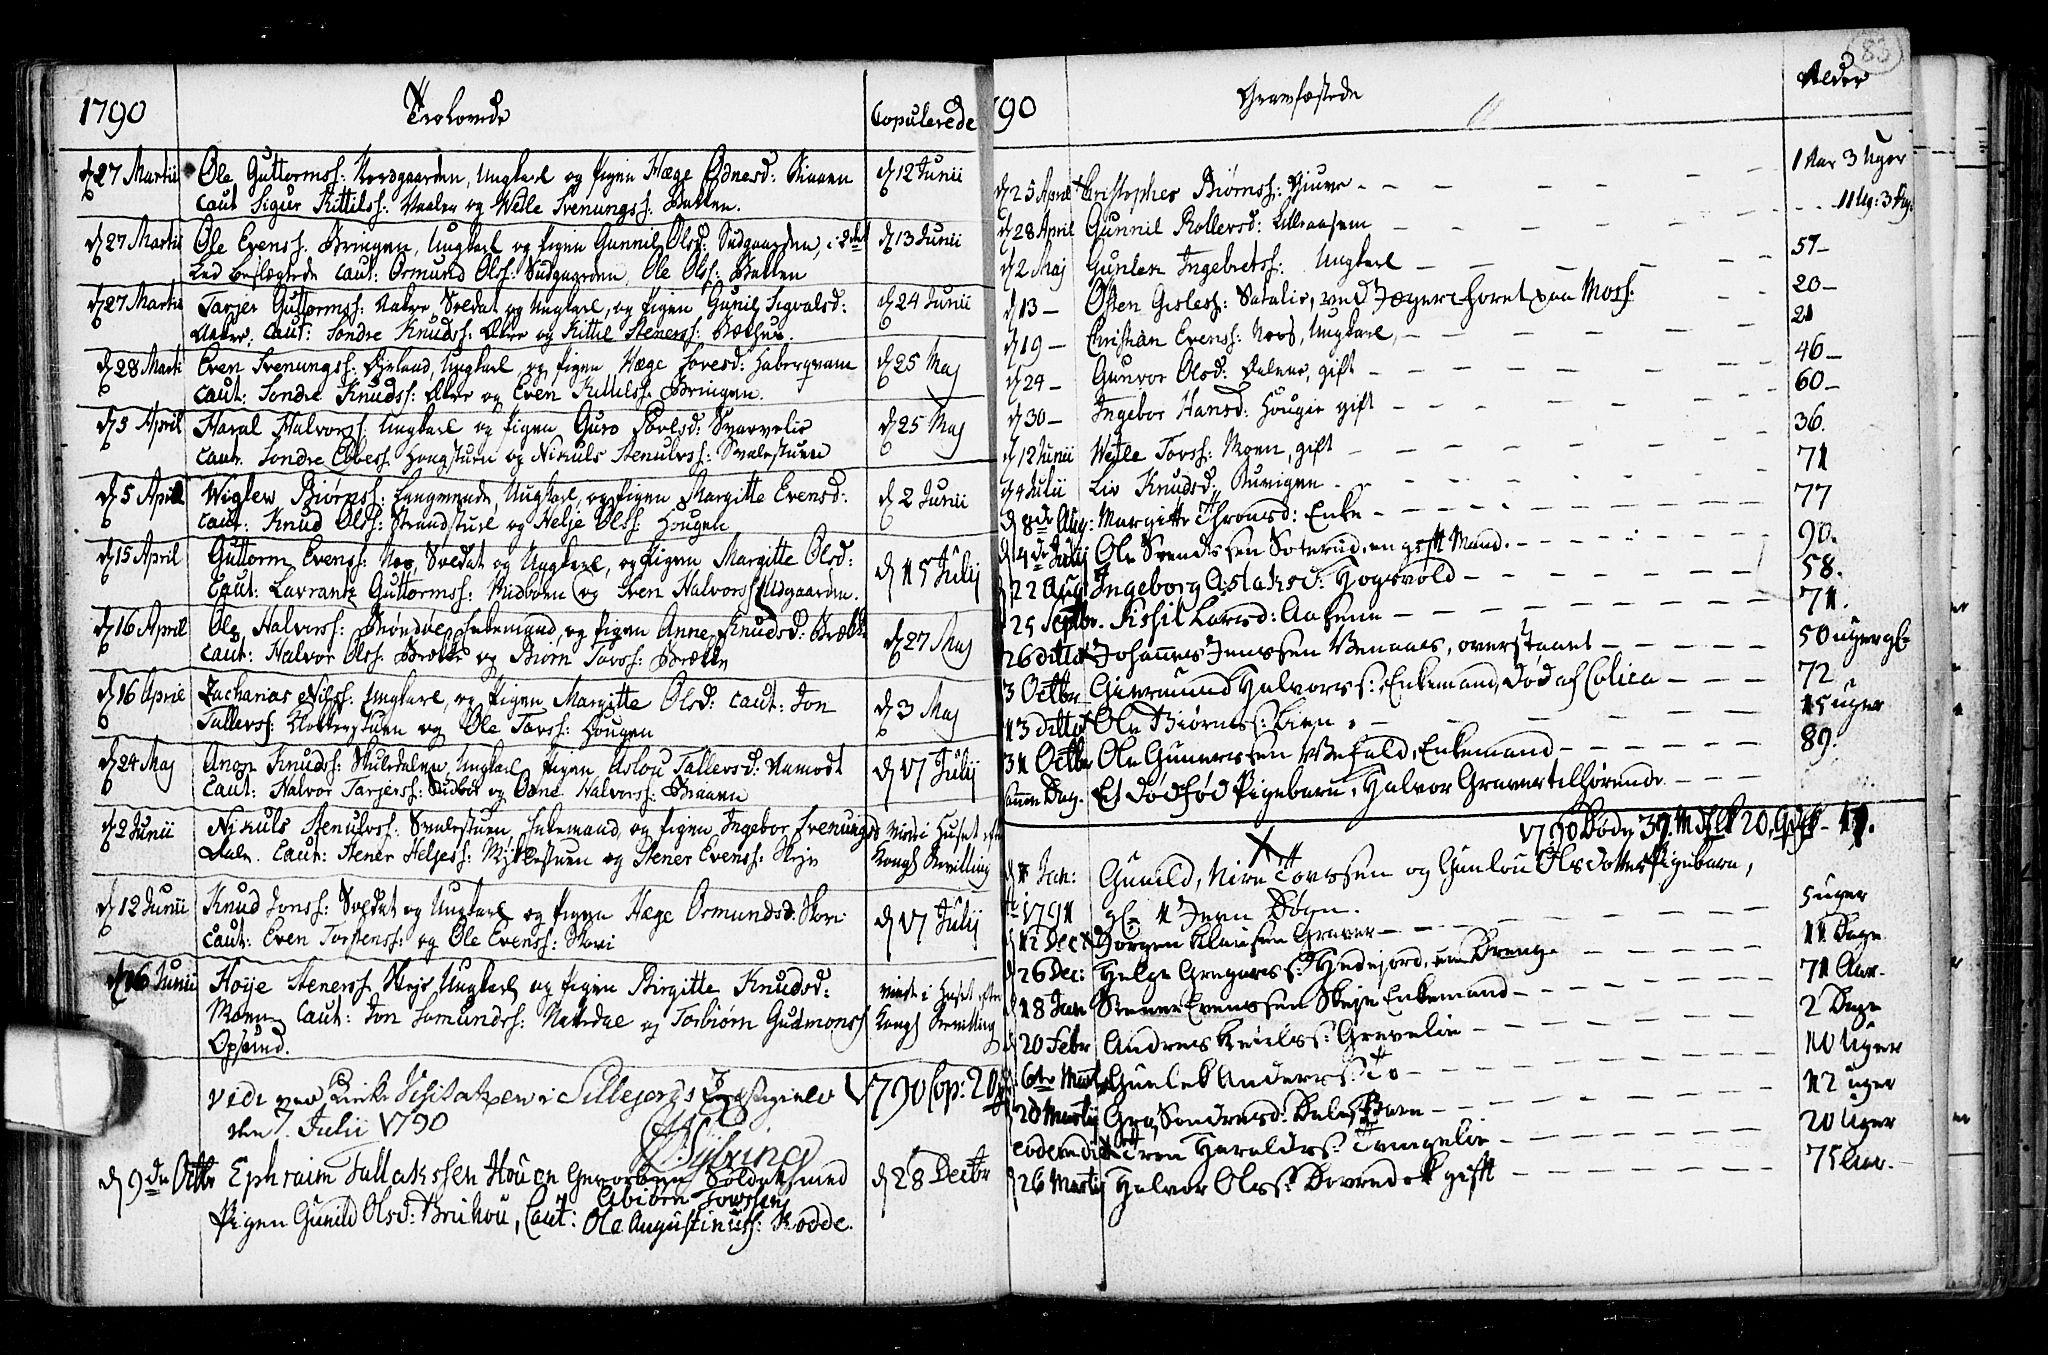 SAKO, Seljord kirkebøker, F/Fa/L0008: Ministerialbok nr. I 8, 1755-1814, s. 83